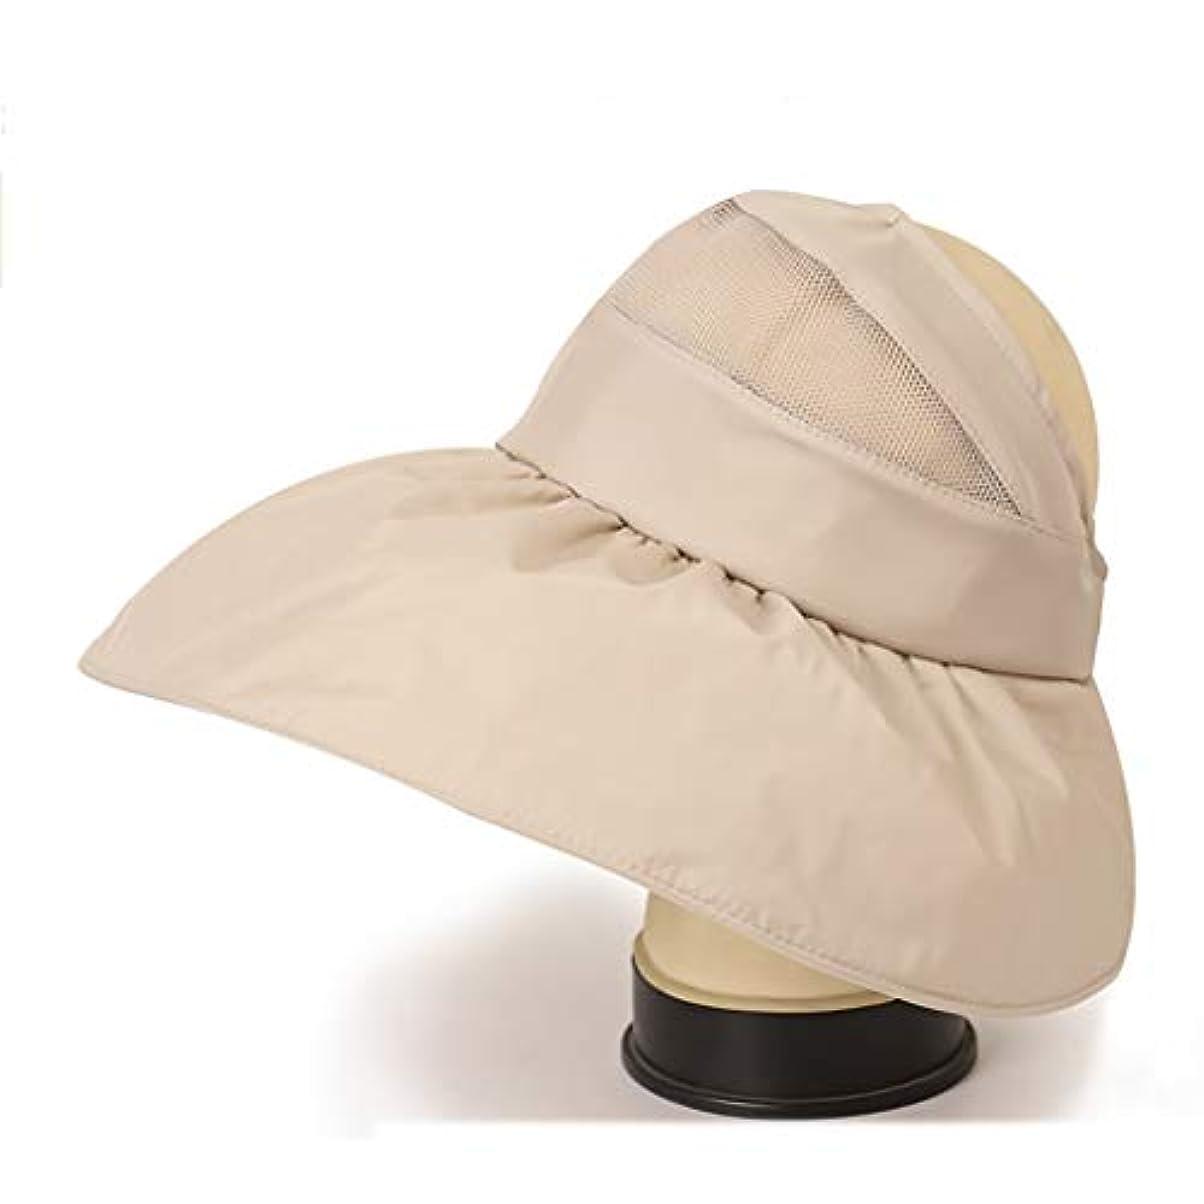 電卓ジムセール帽子の夏の日曜日の帽子のバイザーの紫外線保護Foldable表面屋外の日焼け止めの大きい浜の帽子 (Color : D)